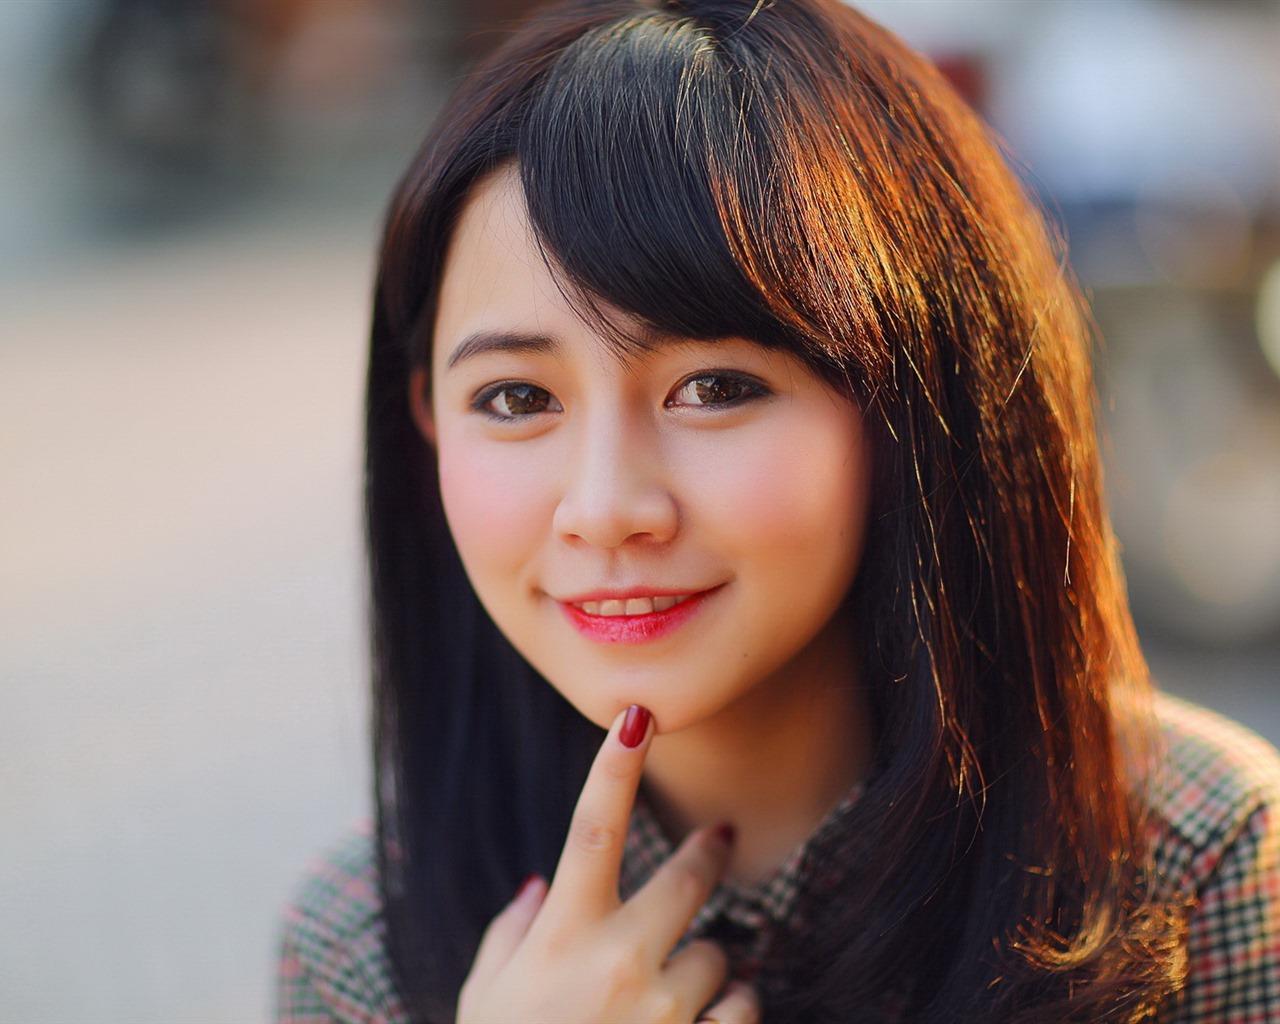 亚洲高清合集一区_清纯可爱年轻的亚洲女孩 高清壁纸合集(一)1 - 1280x1024